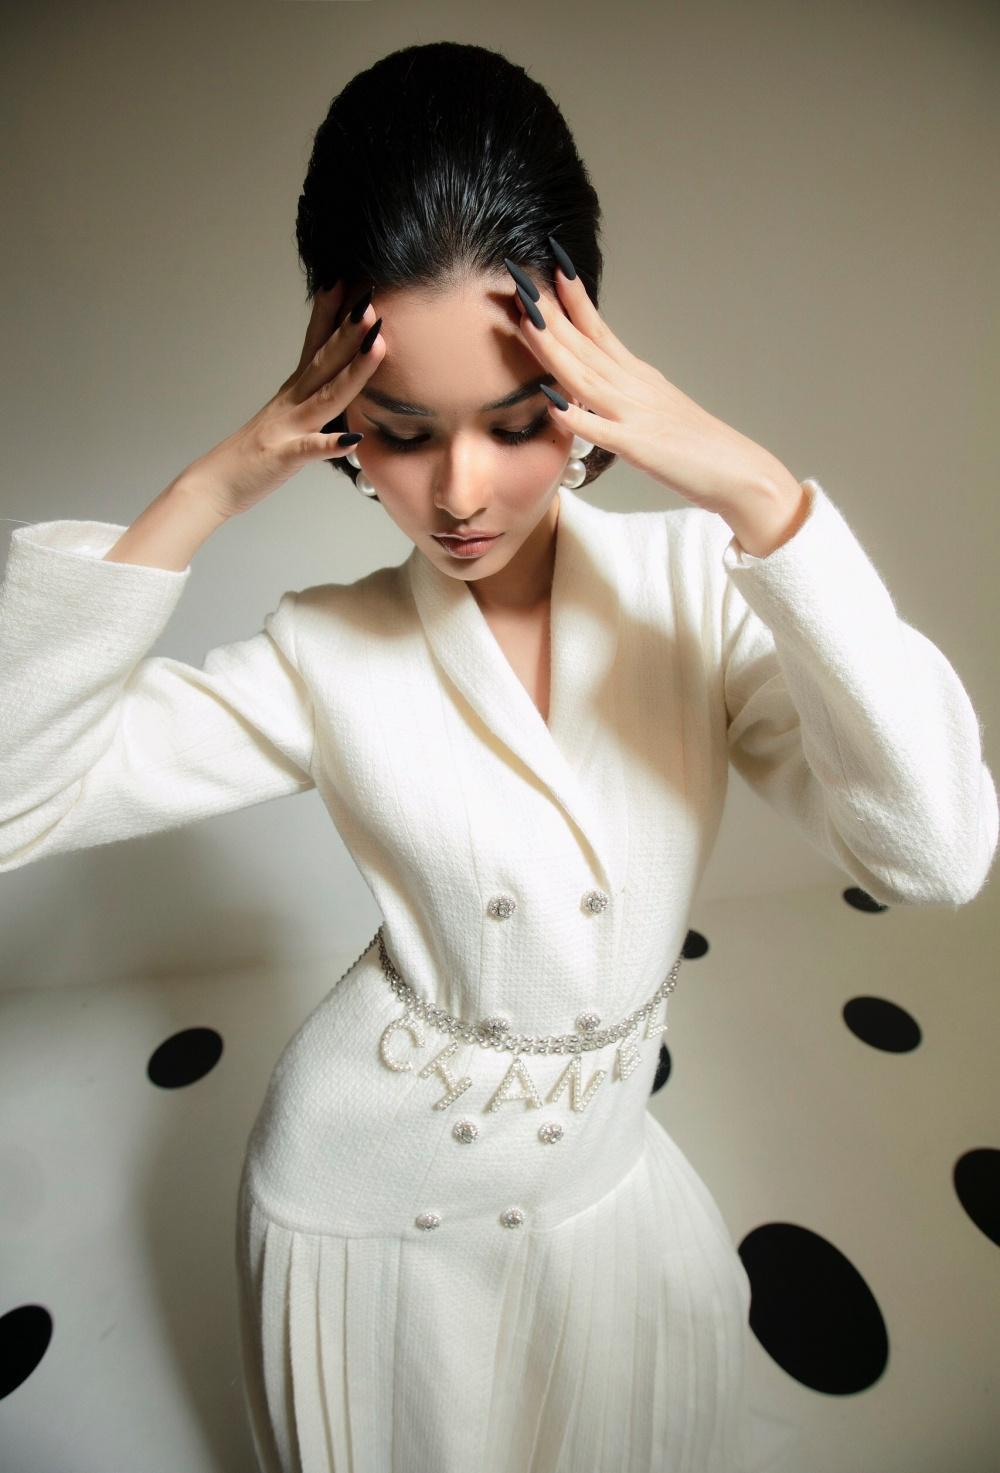 Cao Thiên Trang hóa quý cô Pháp thanh lịch cùng cặp màu đen, trắng kinh điển Ảnh 6